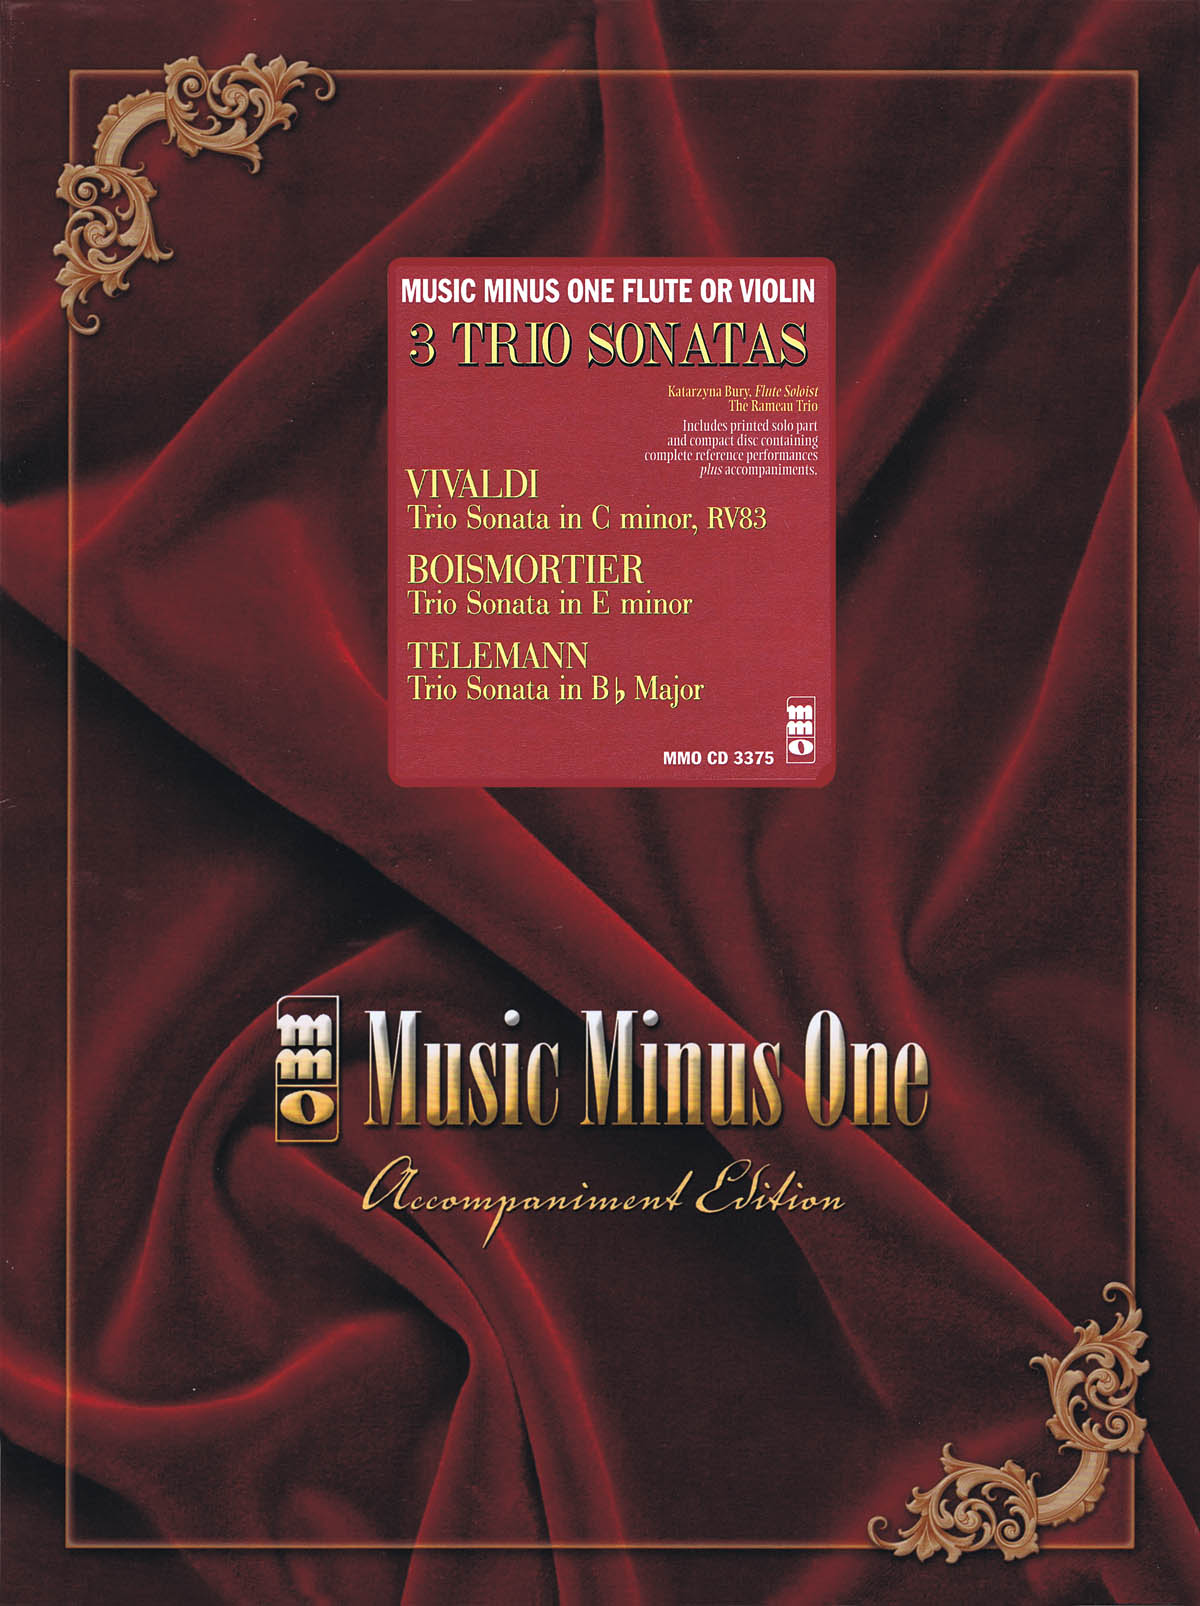 Antonio Vivaldi Boismorter Georg Philipp Telemann: 3 Trio Sonatas: Vivaldi